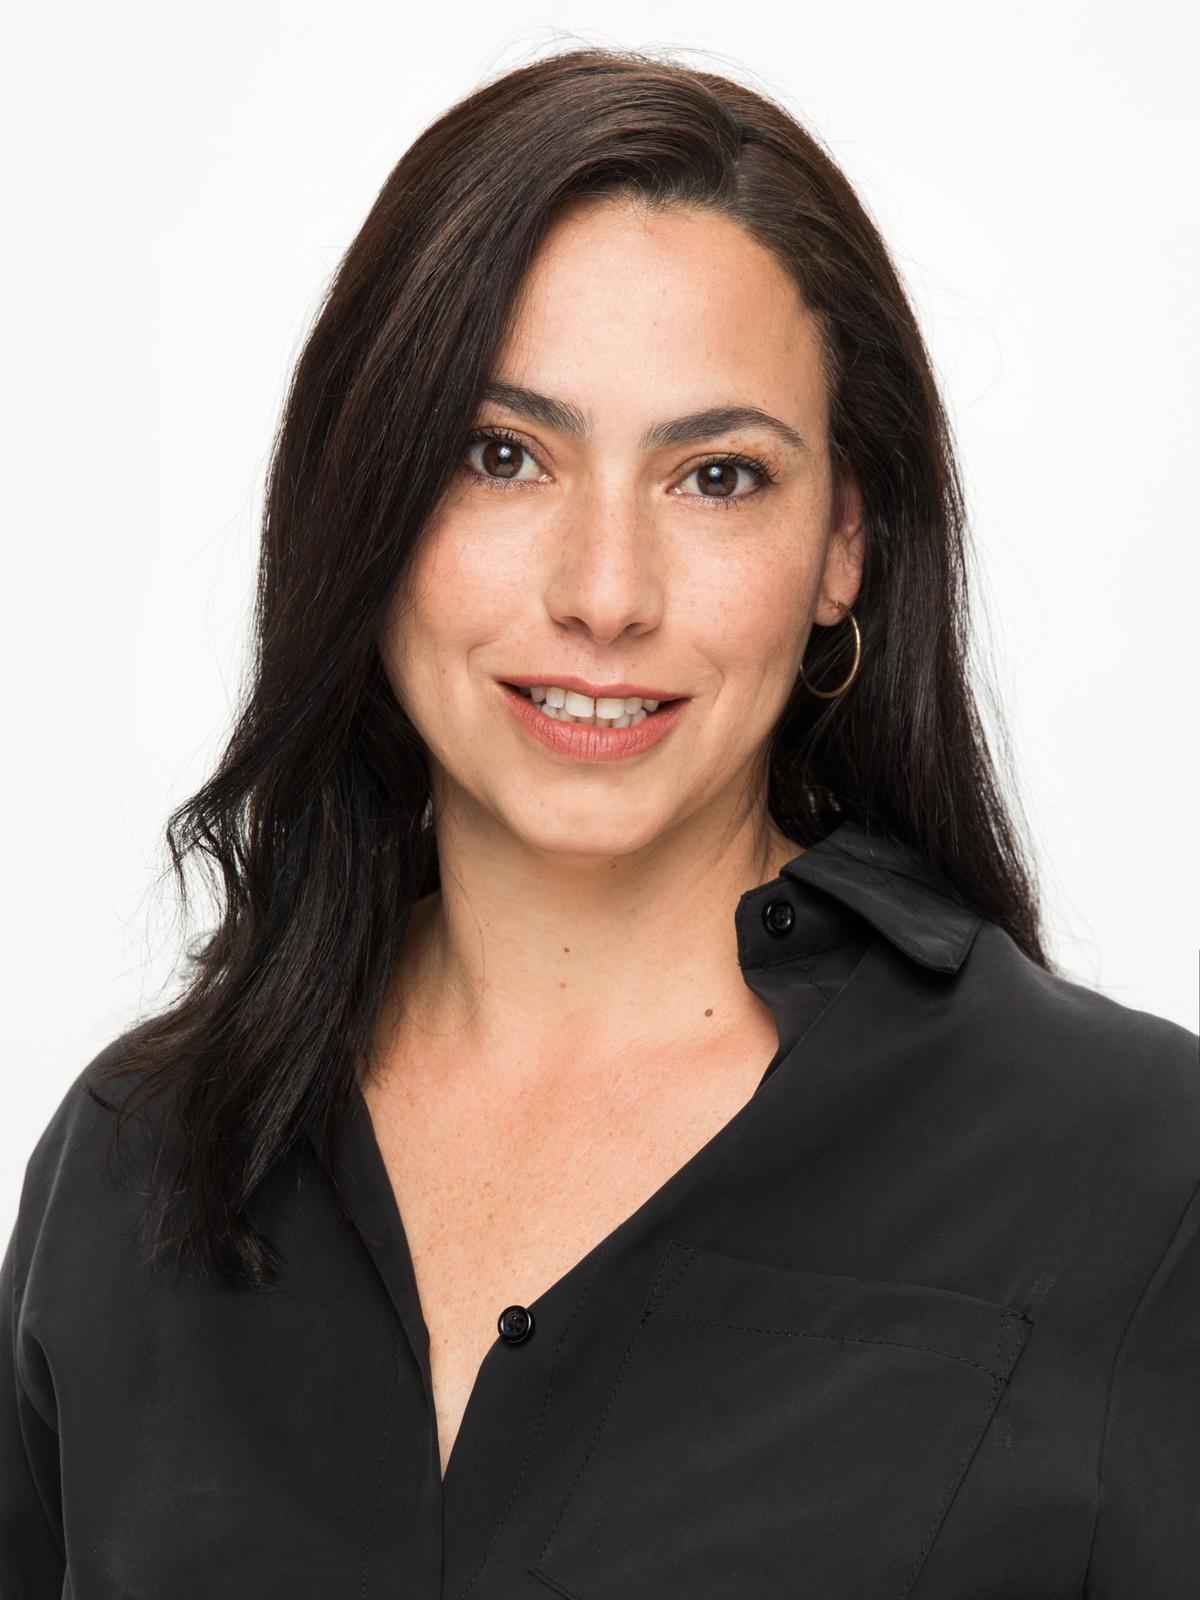 Dana Olsher